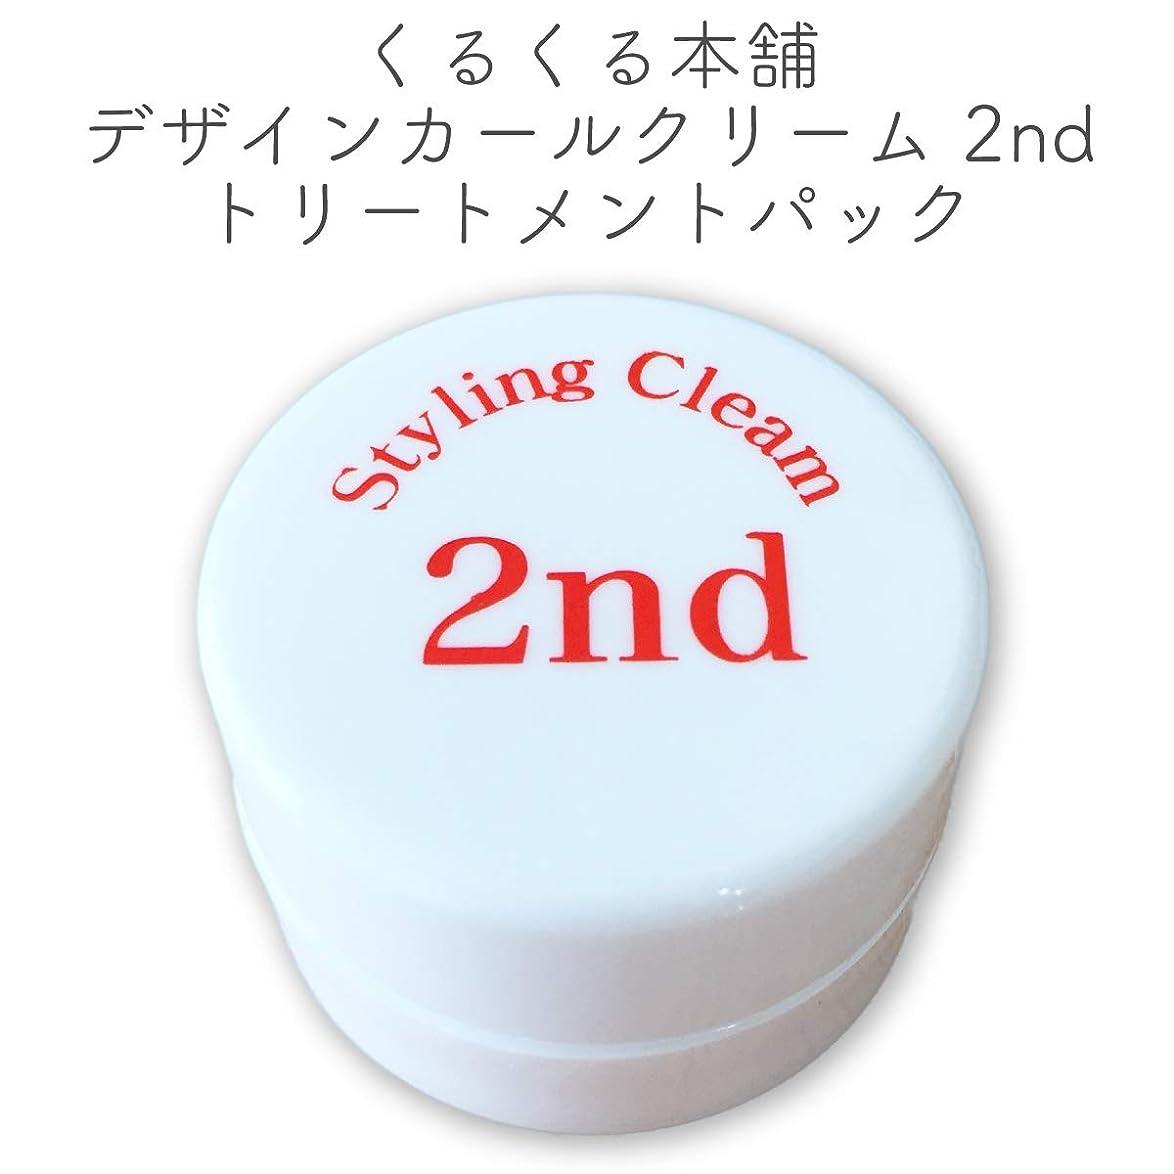 銛ゴム花束くるくる本舗 デザインカールクリーム 2nd スタイリングクリーム